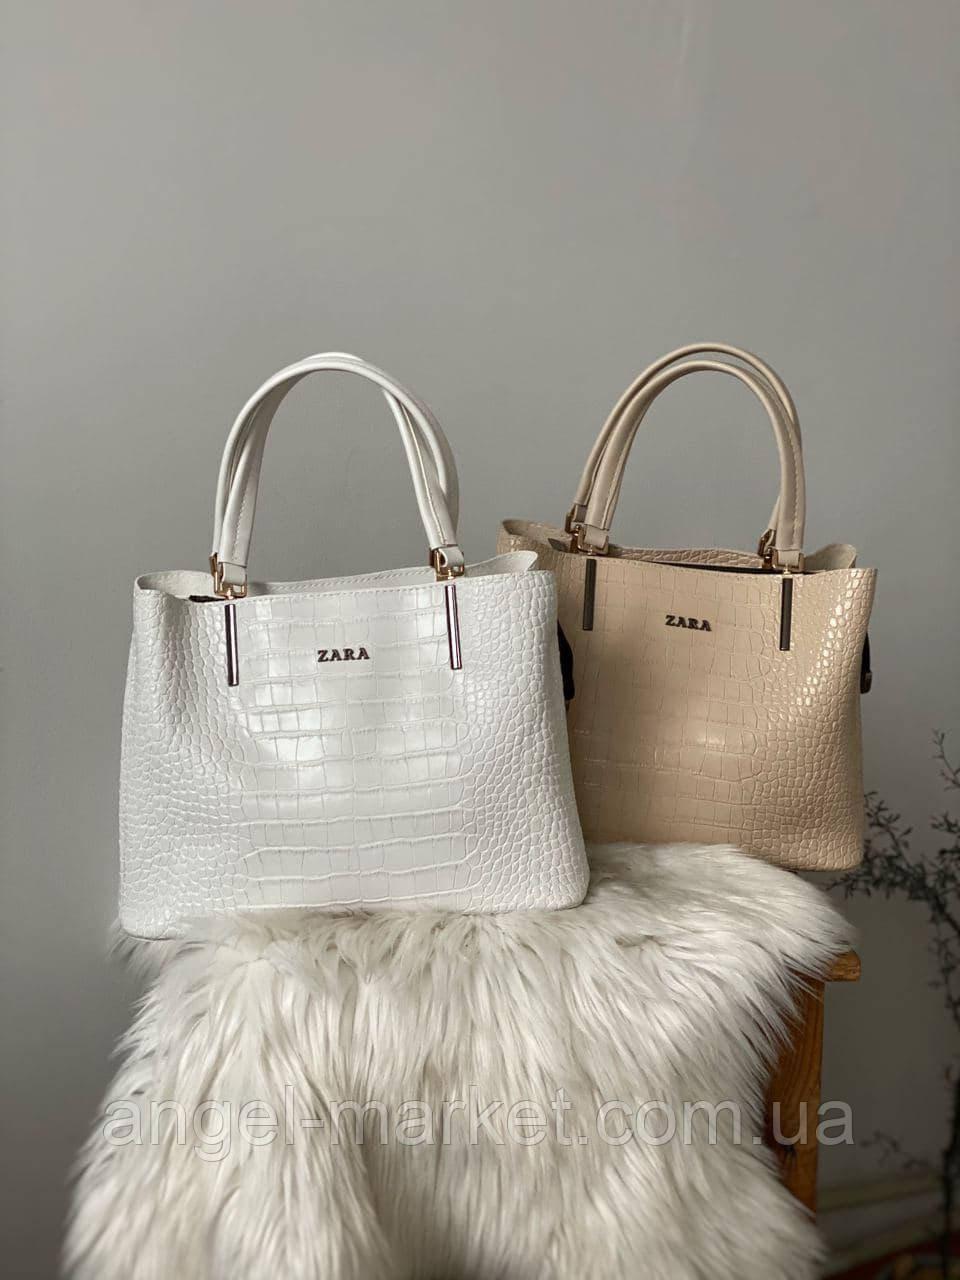 Белая женская сумка из эко-кожи с тиснением под крокодила (4цв.)